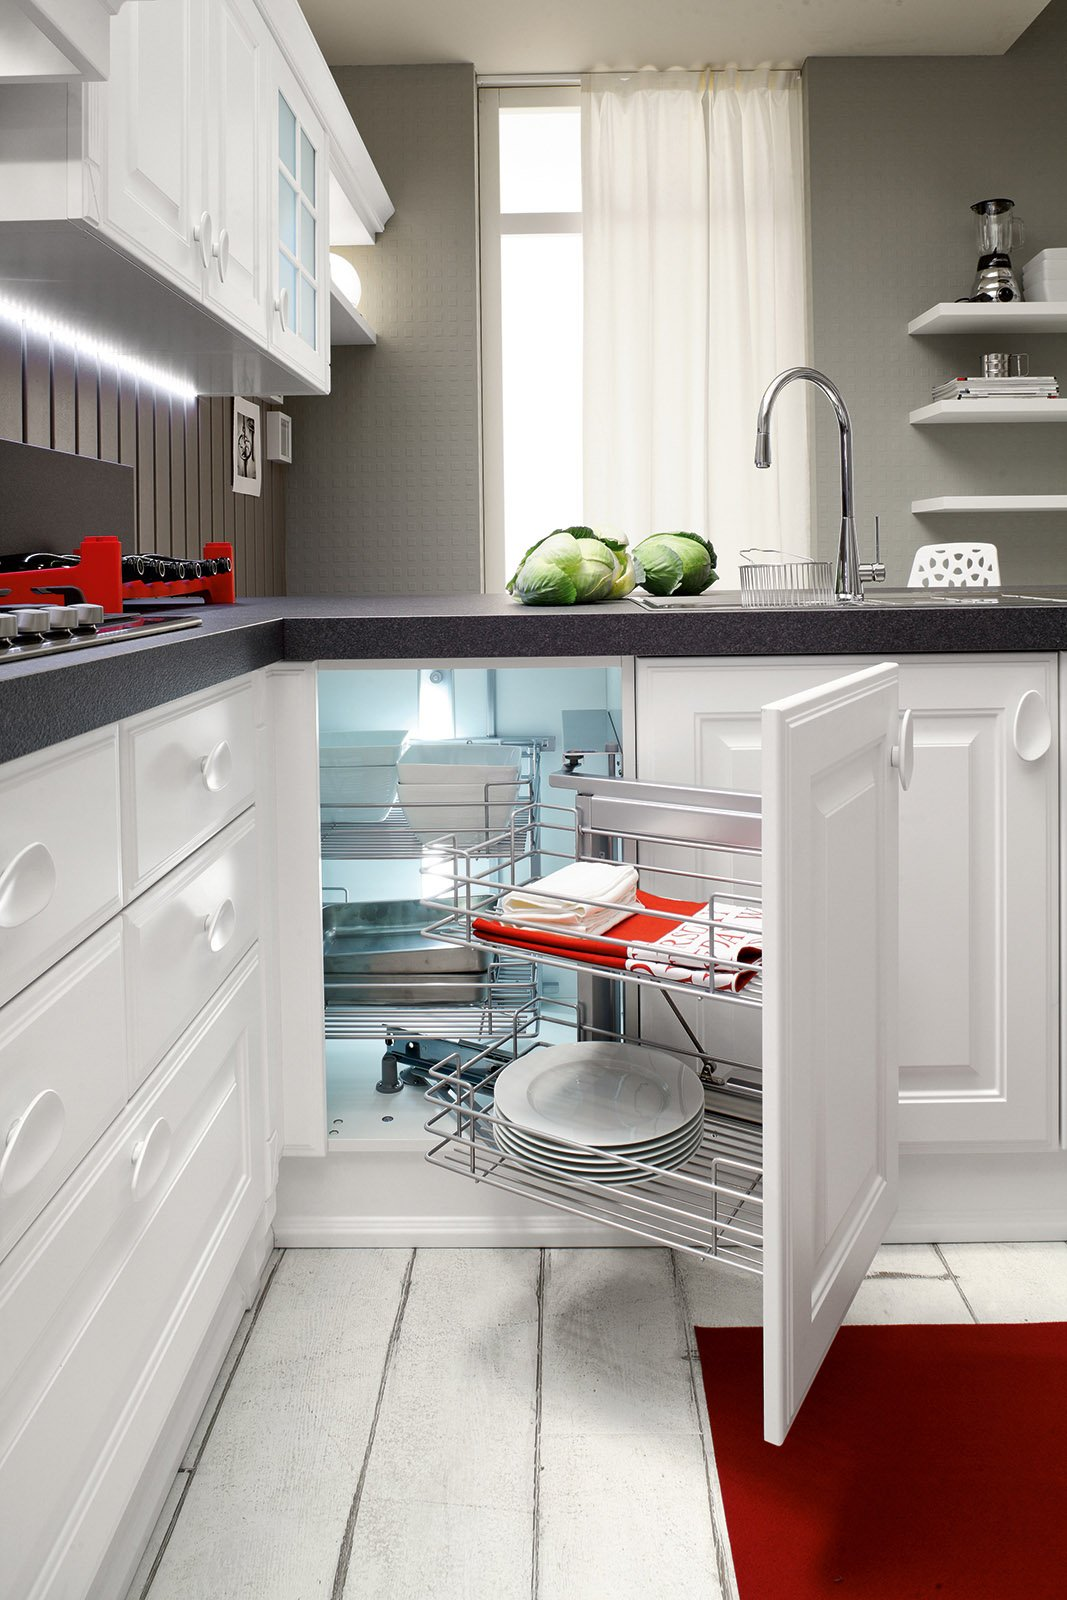 Cucina: la luce nel punto giusto   cose di casa